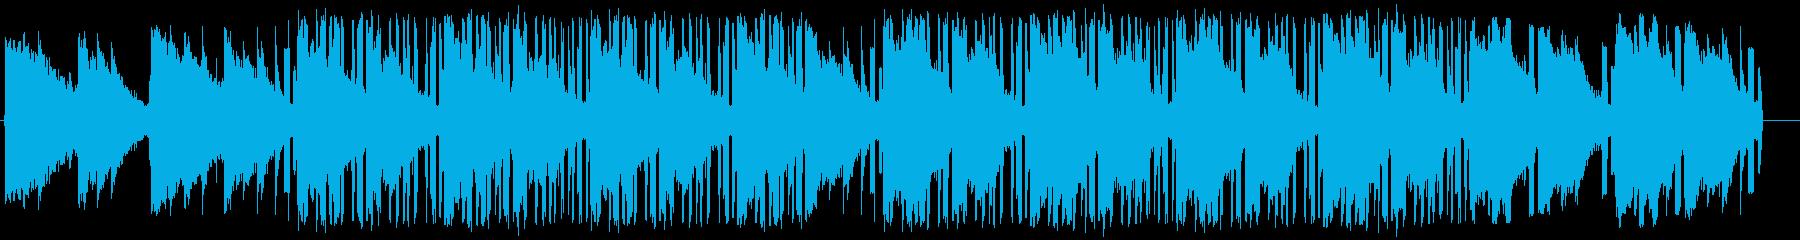 ピアノ/サックス/チル/hiphopの再生済みの波形